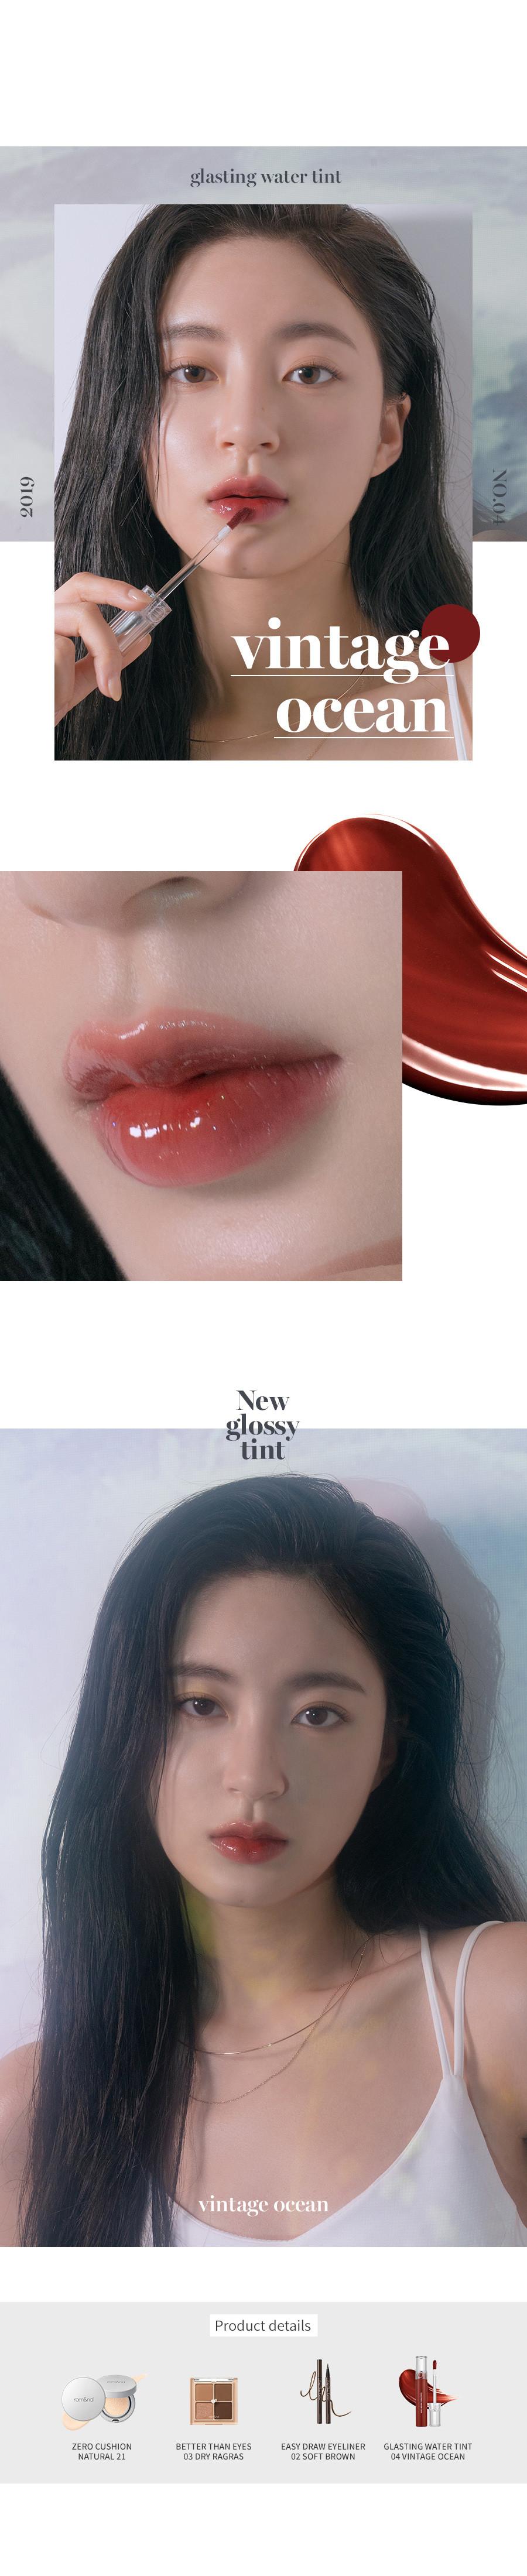 GLASTING_VIE02-2.jpg